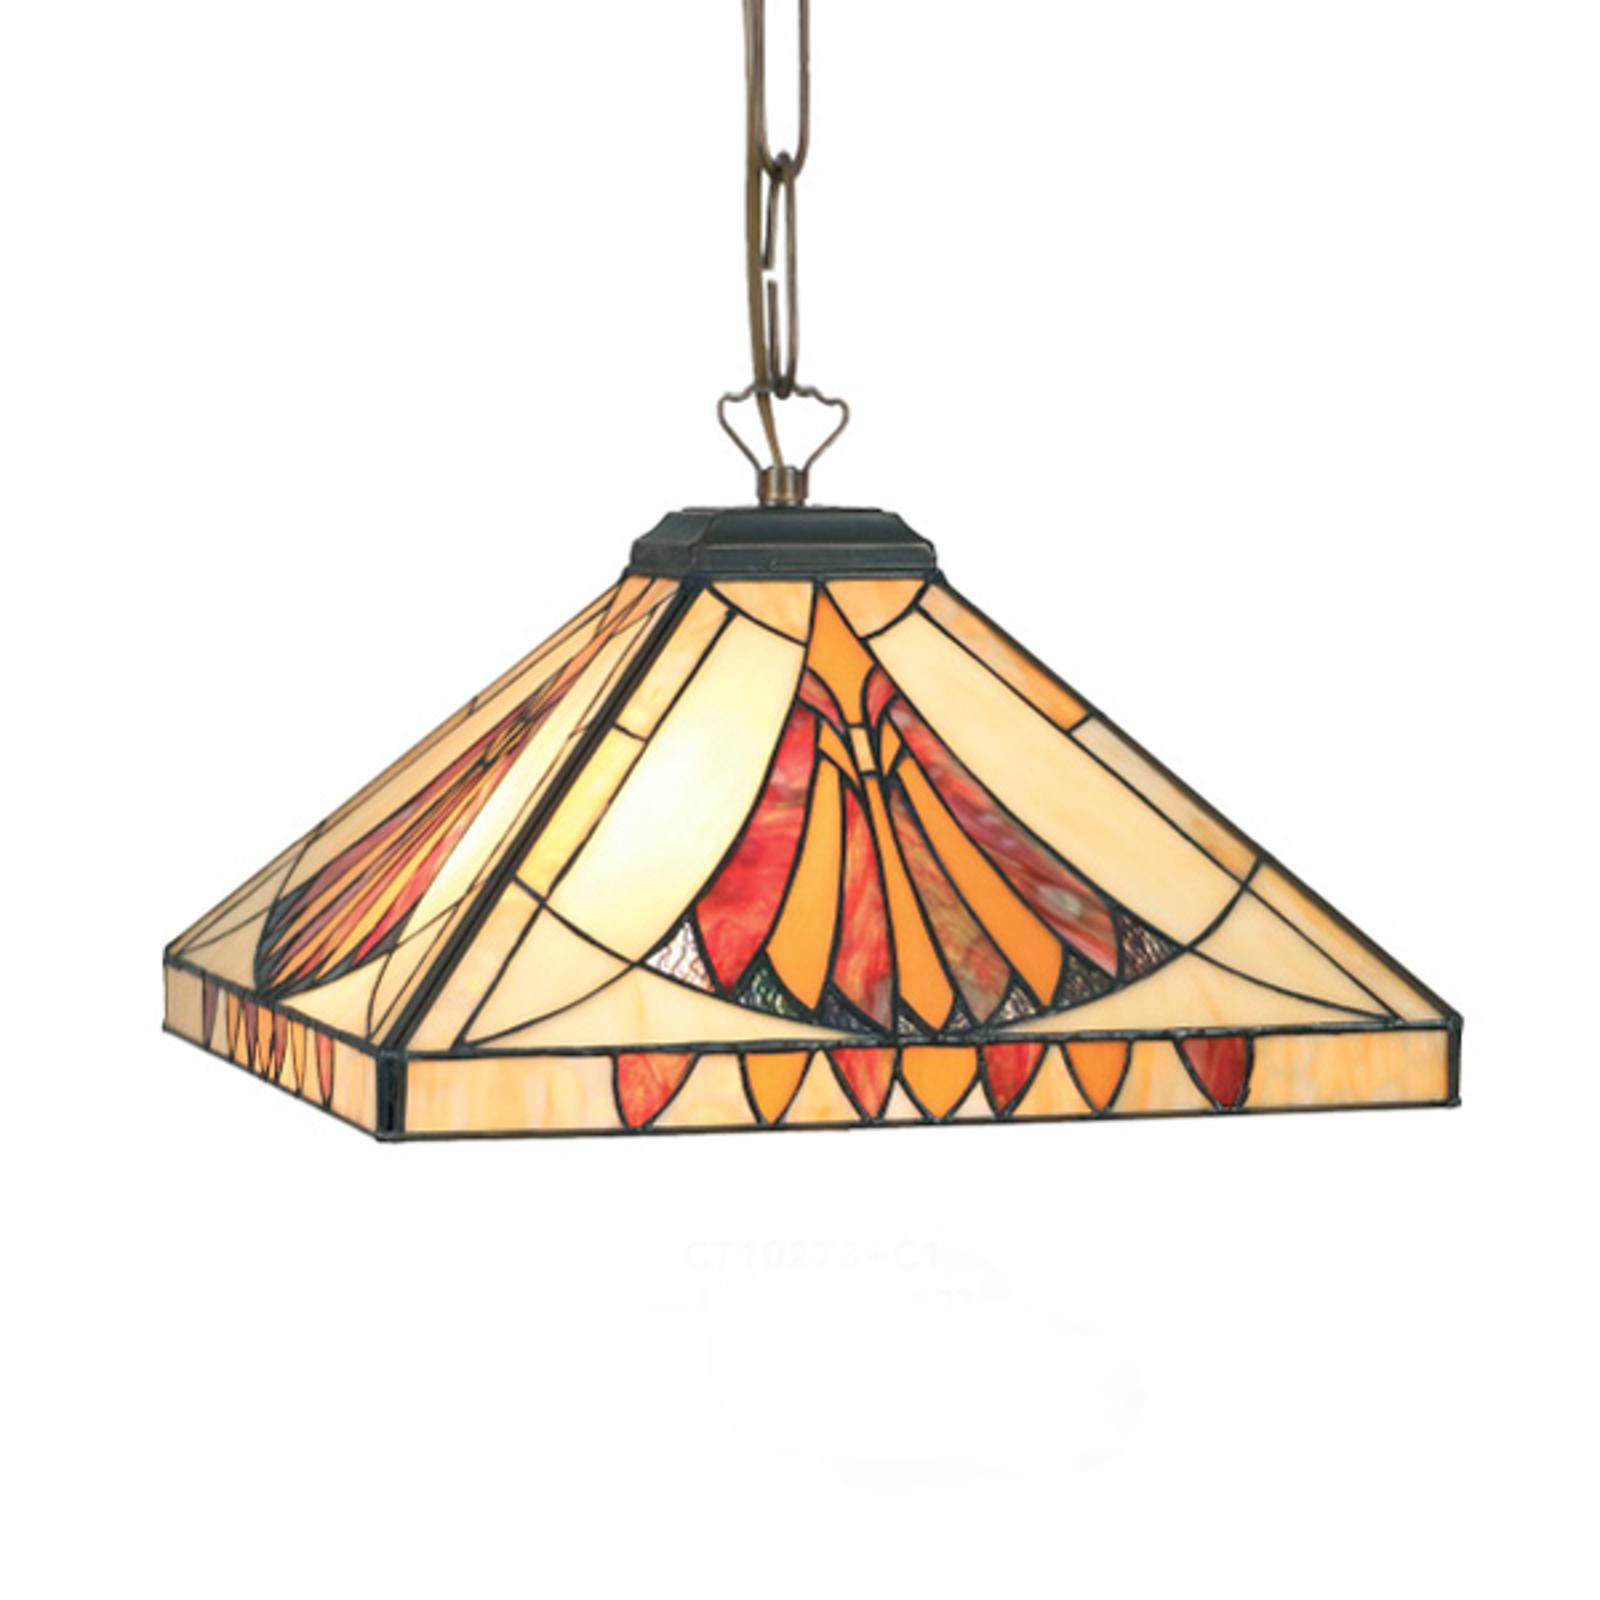 Štvorcová závesná lampa AMALIA_1032133_1